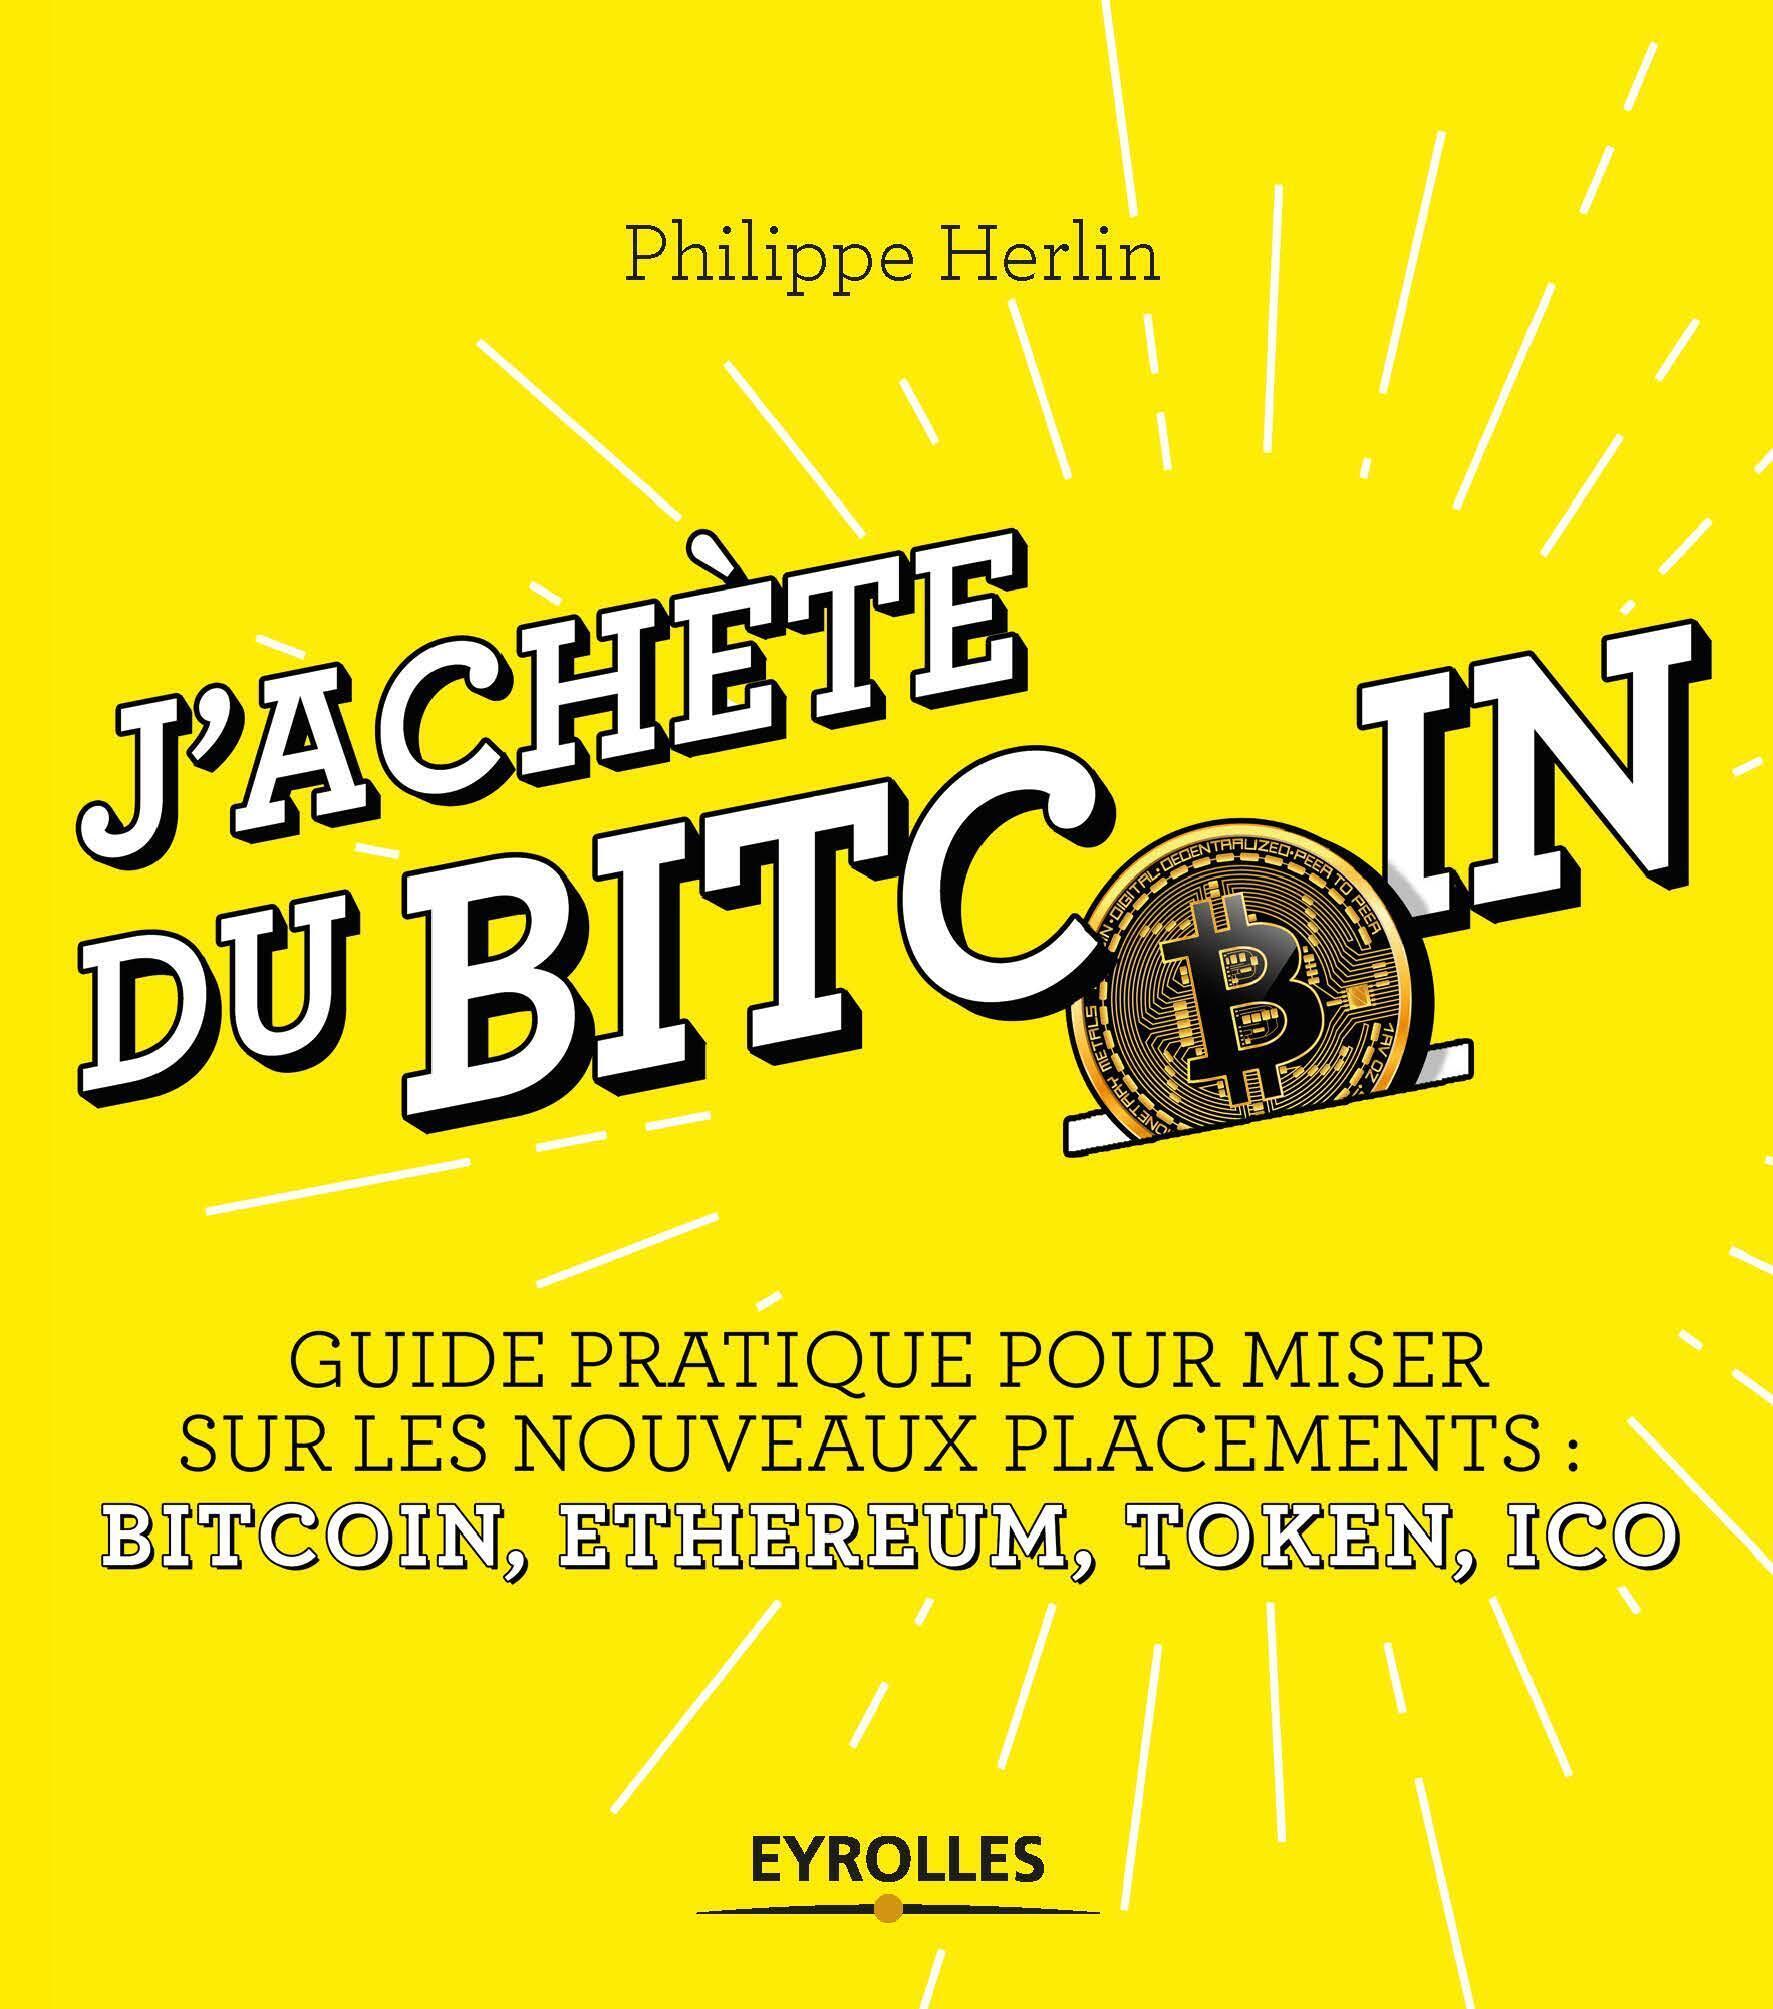 Couverture du livre de Philippe Herlin : « J'achète le Bitcoin, guide pratique pour miser sur les nouveaux placements : Bitcoin, Ethereum, Token, Ico »